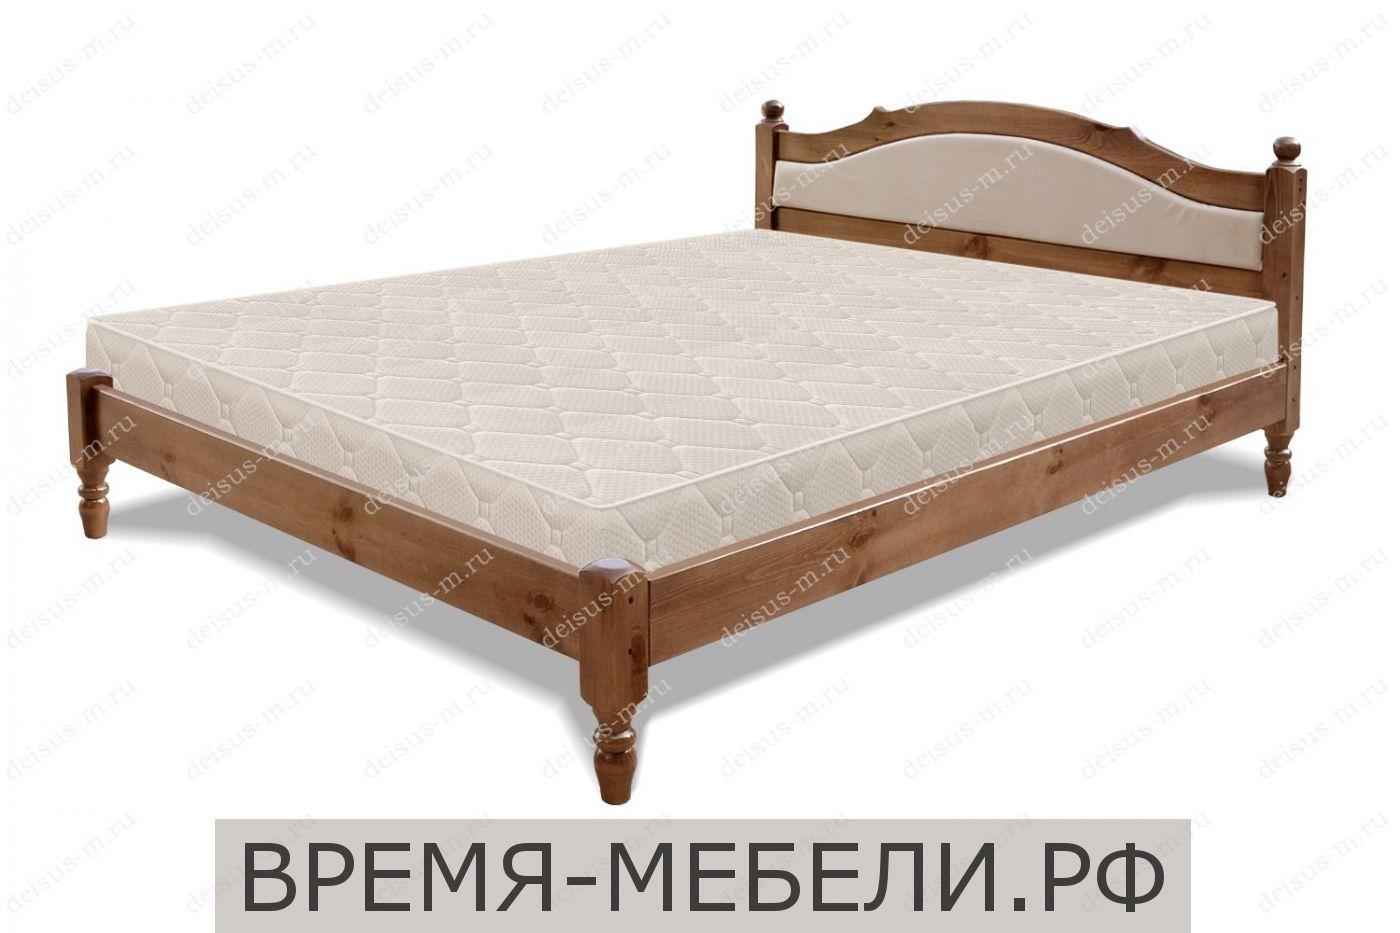 Кровать Герцог-М